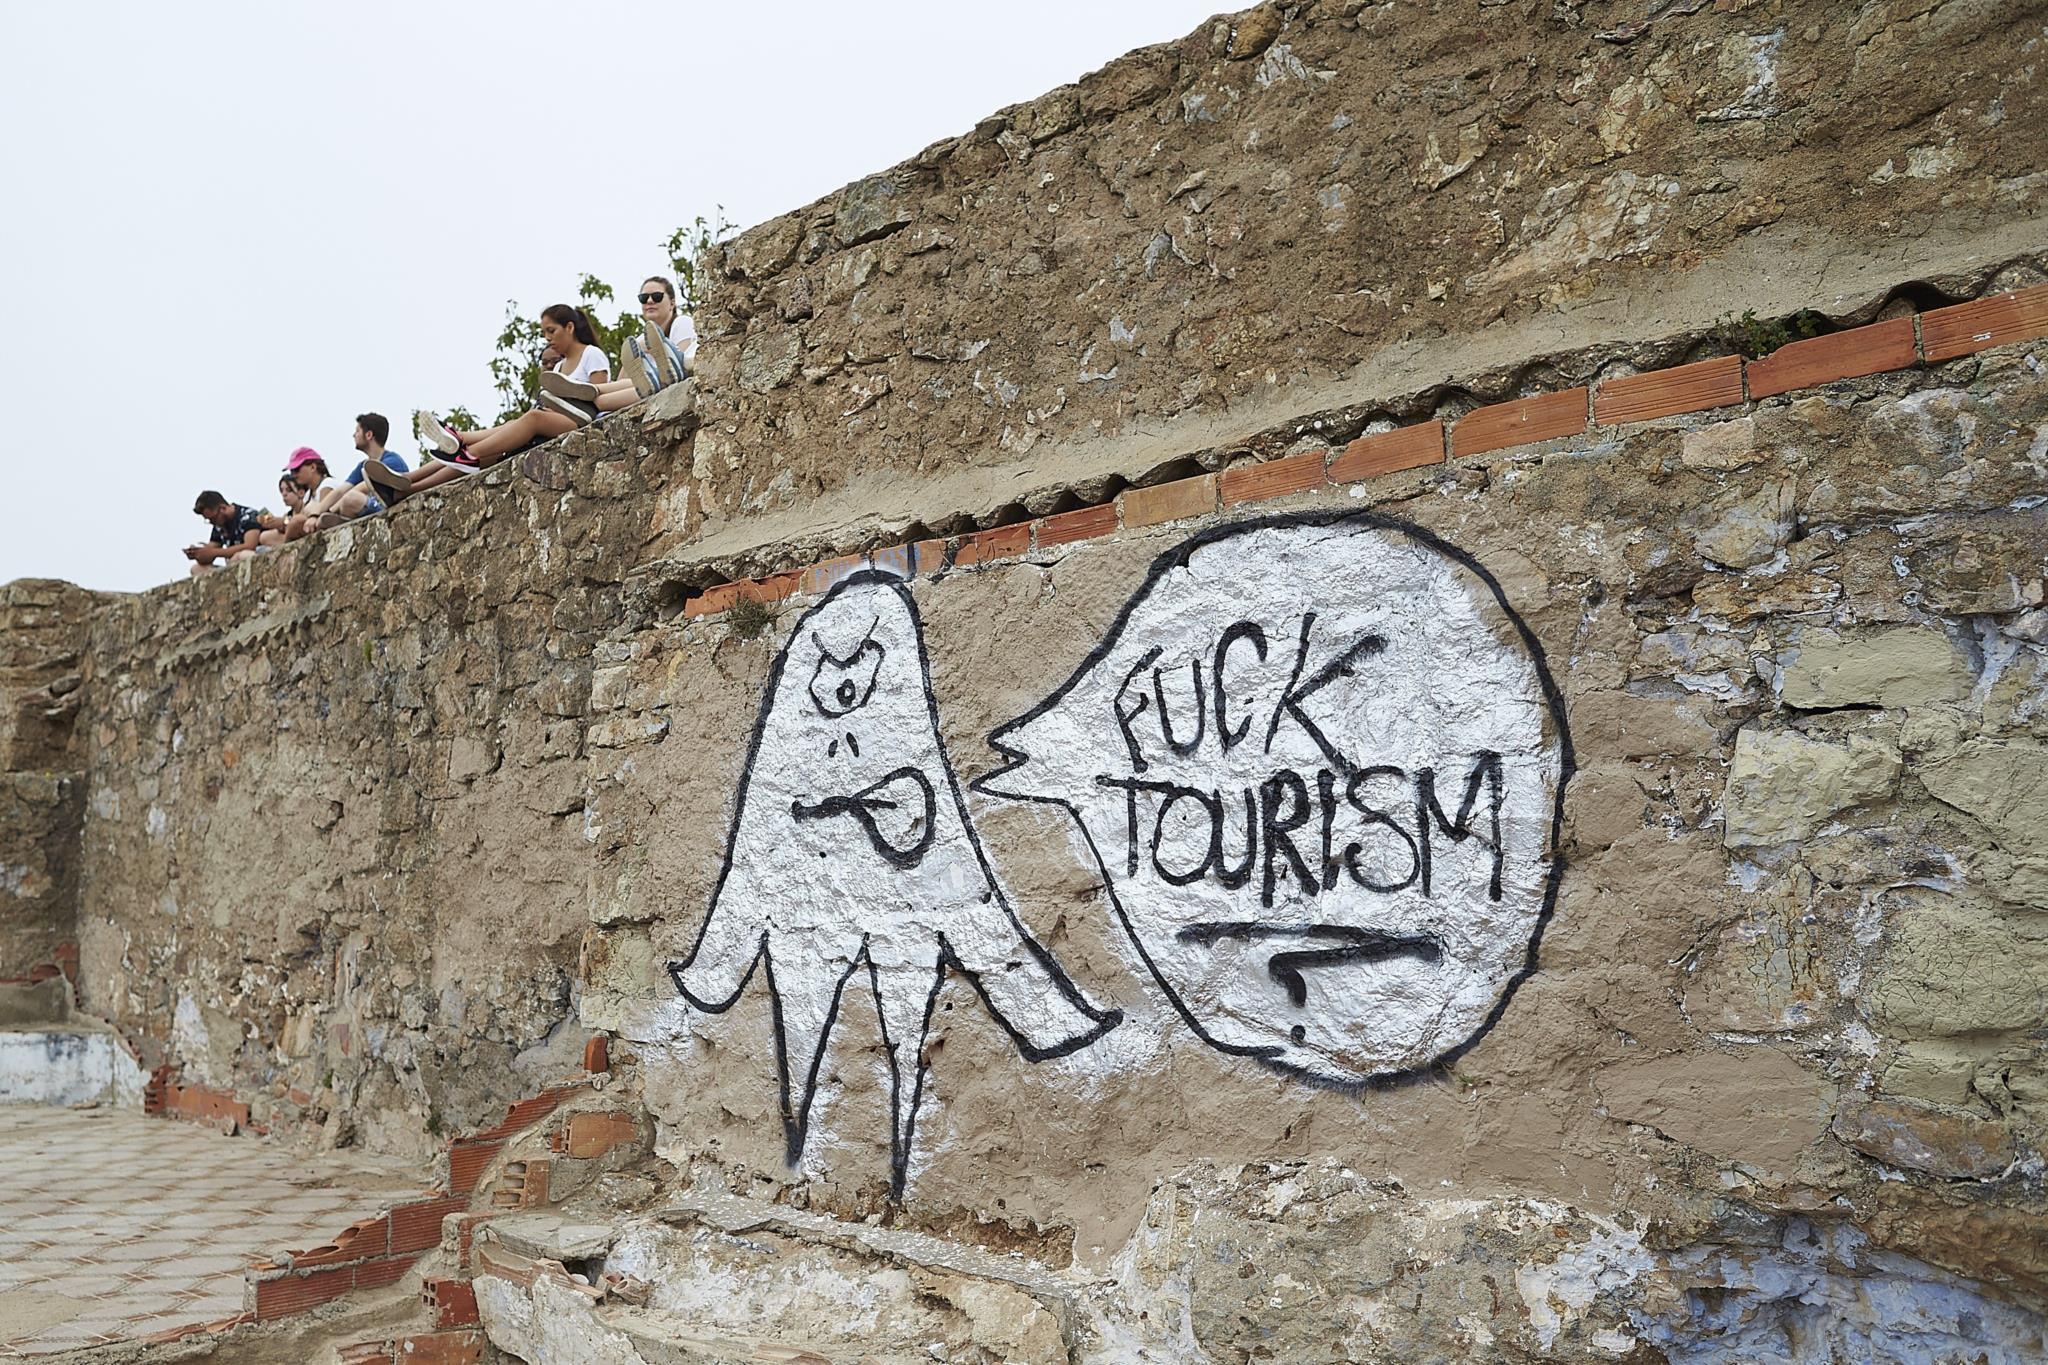 O turismo representa cerca de 12% do PIB catalão. Barcelona é o principal destino